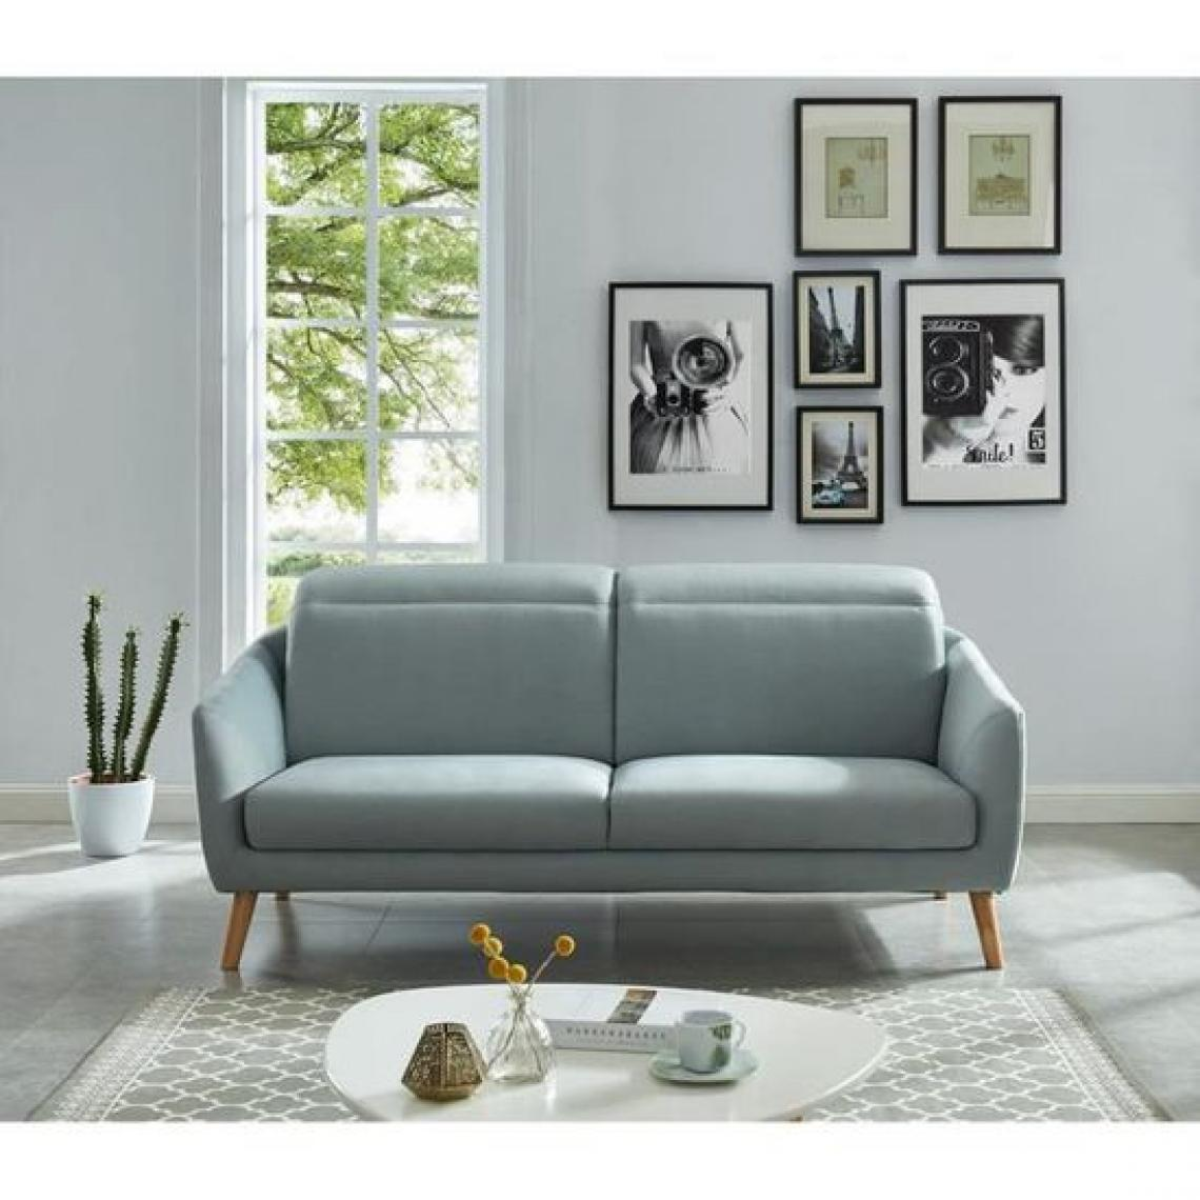 Sans Marque CADIX Canape droit 3 places - Tissu gris bleu - Contemporain - L 196 x P 94 x H 100 cm